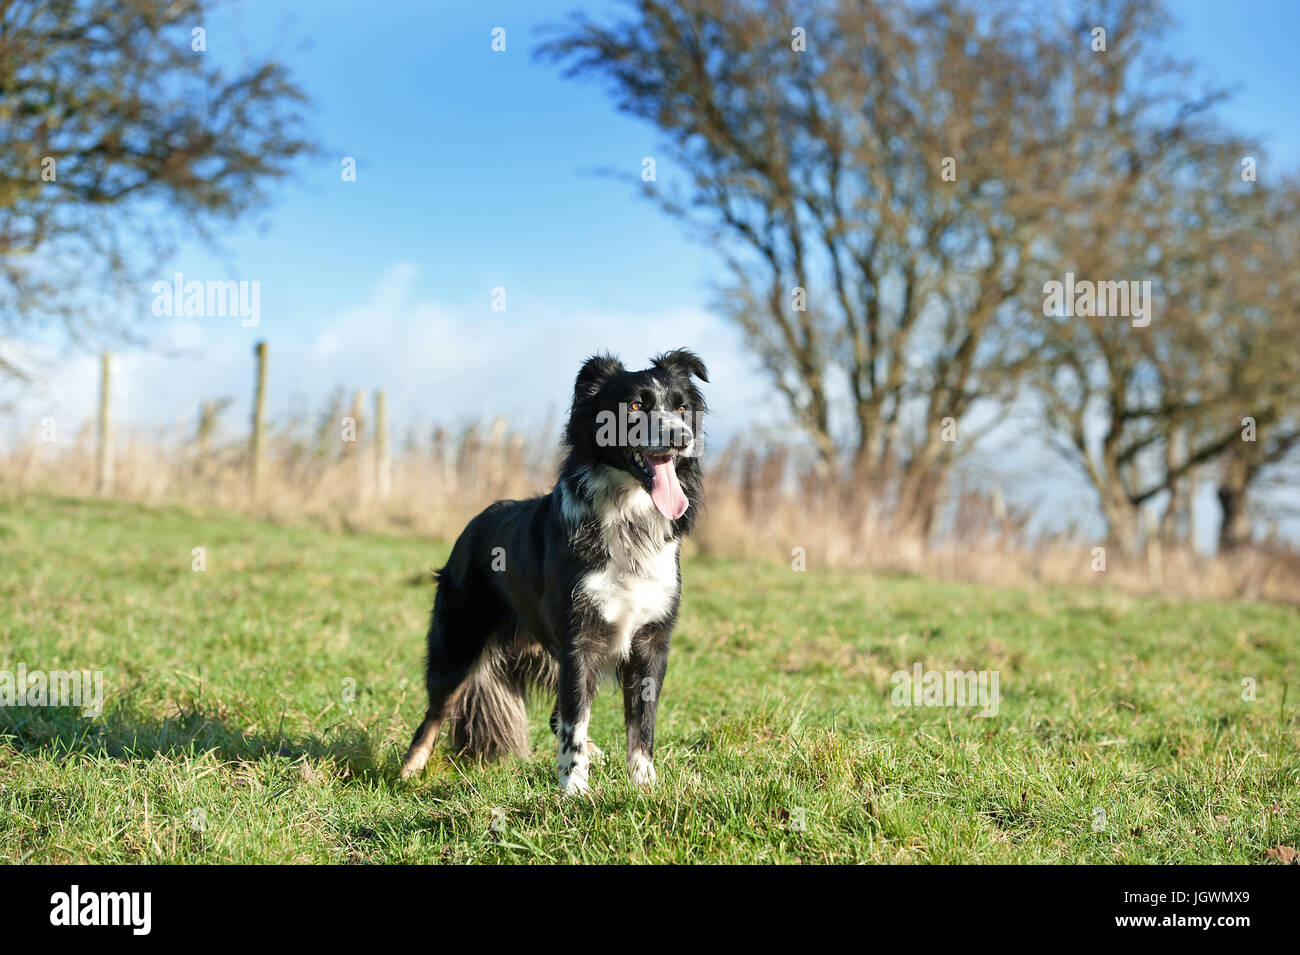 Sheepdog - Stock Image